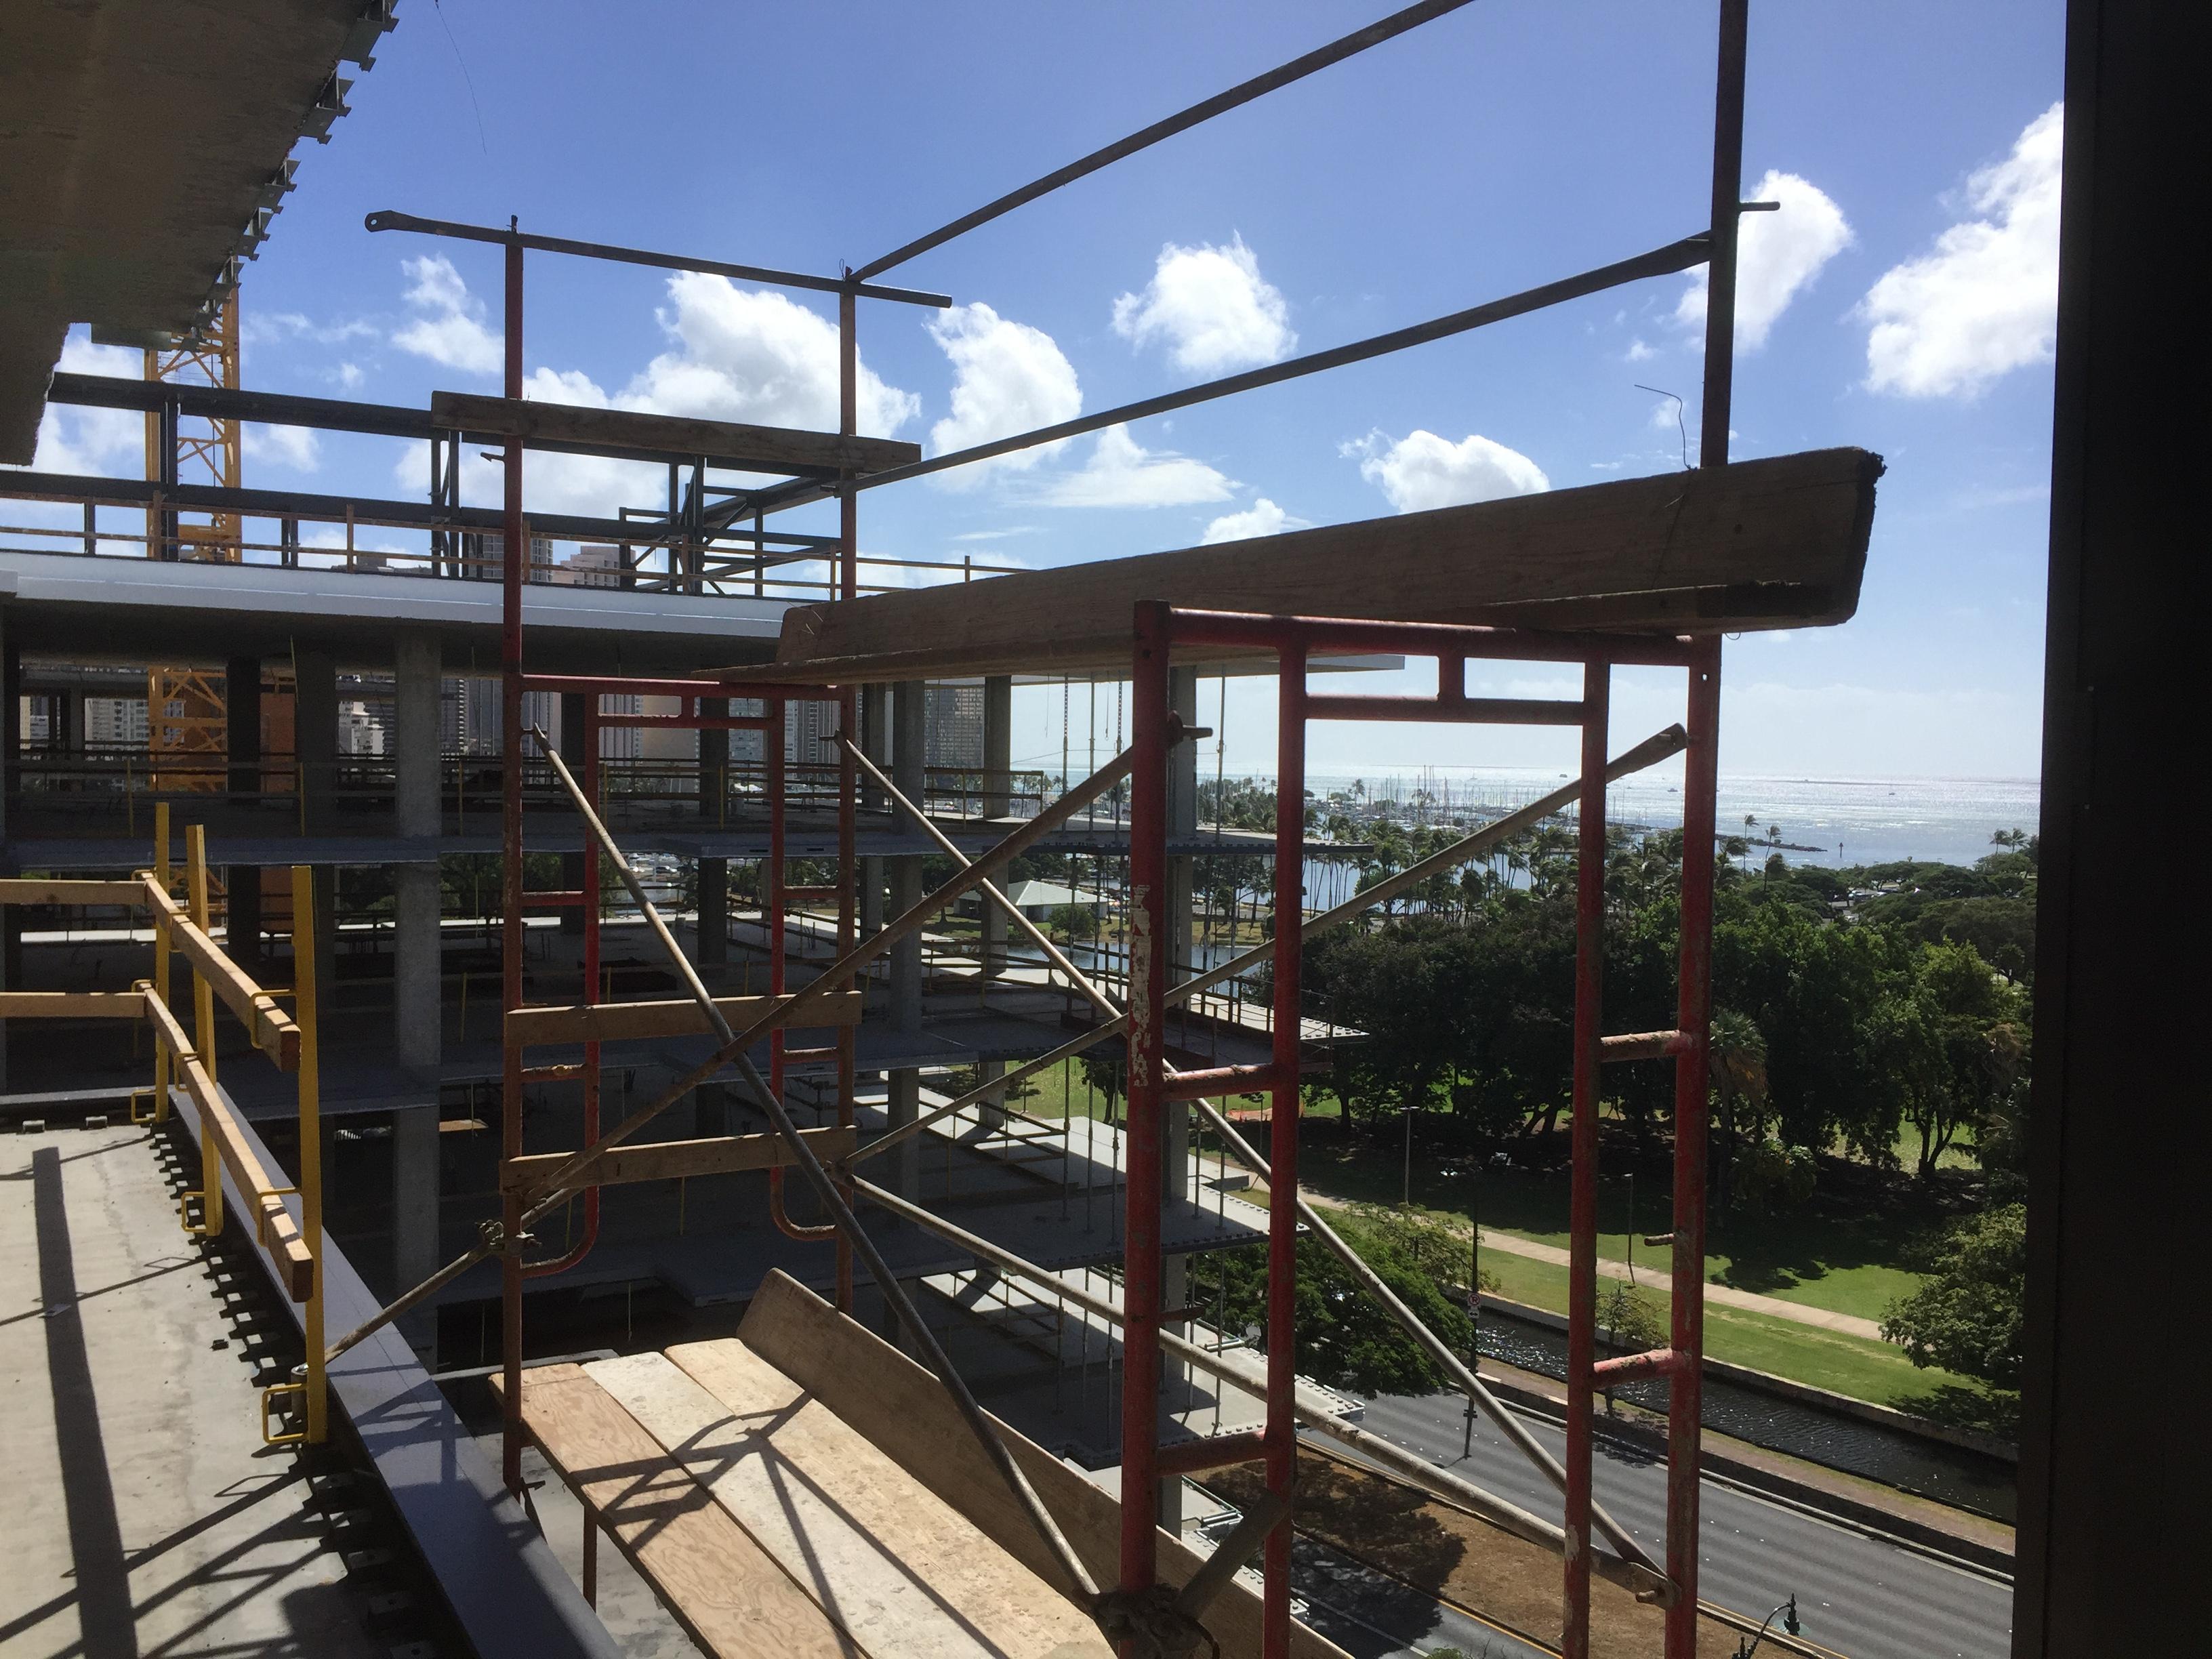 Park Lane Construction